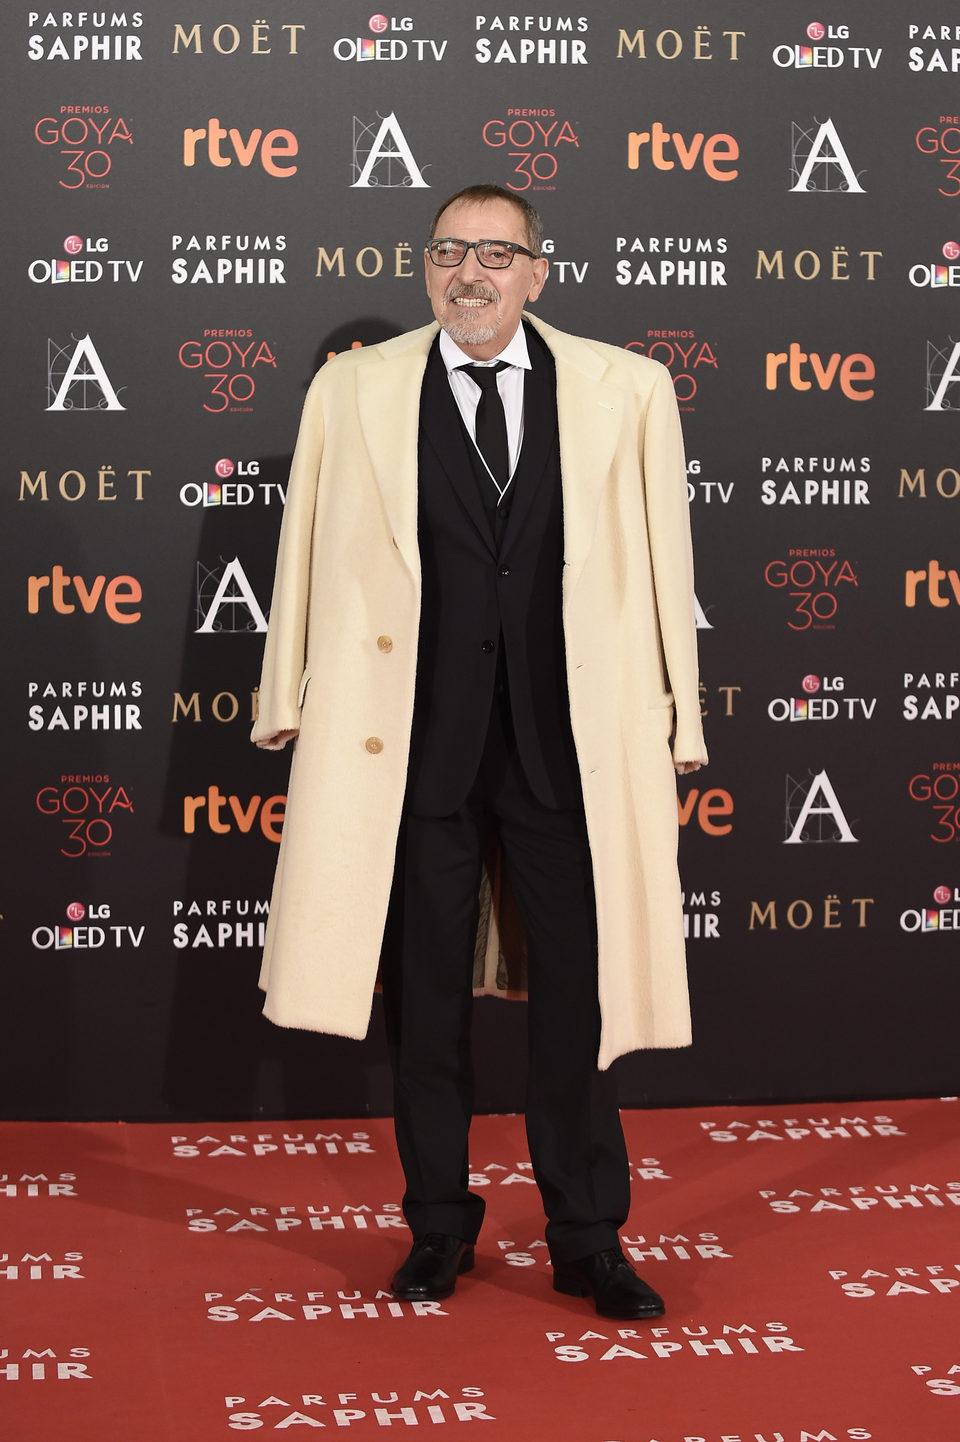 Enrique Villén en la alfombra roja de los Premios Goya 2016